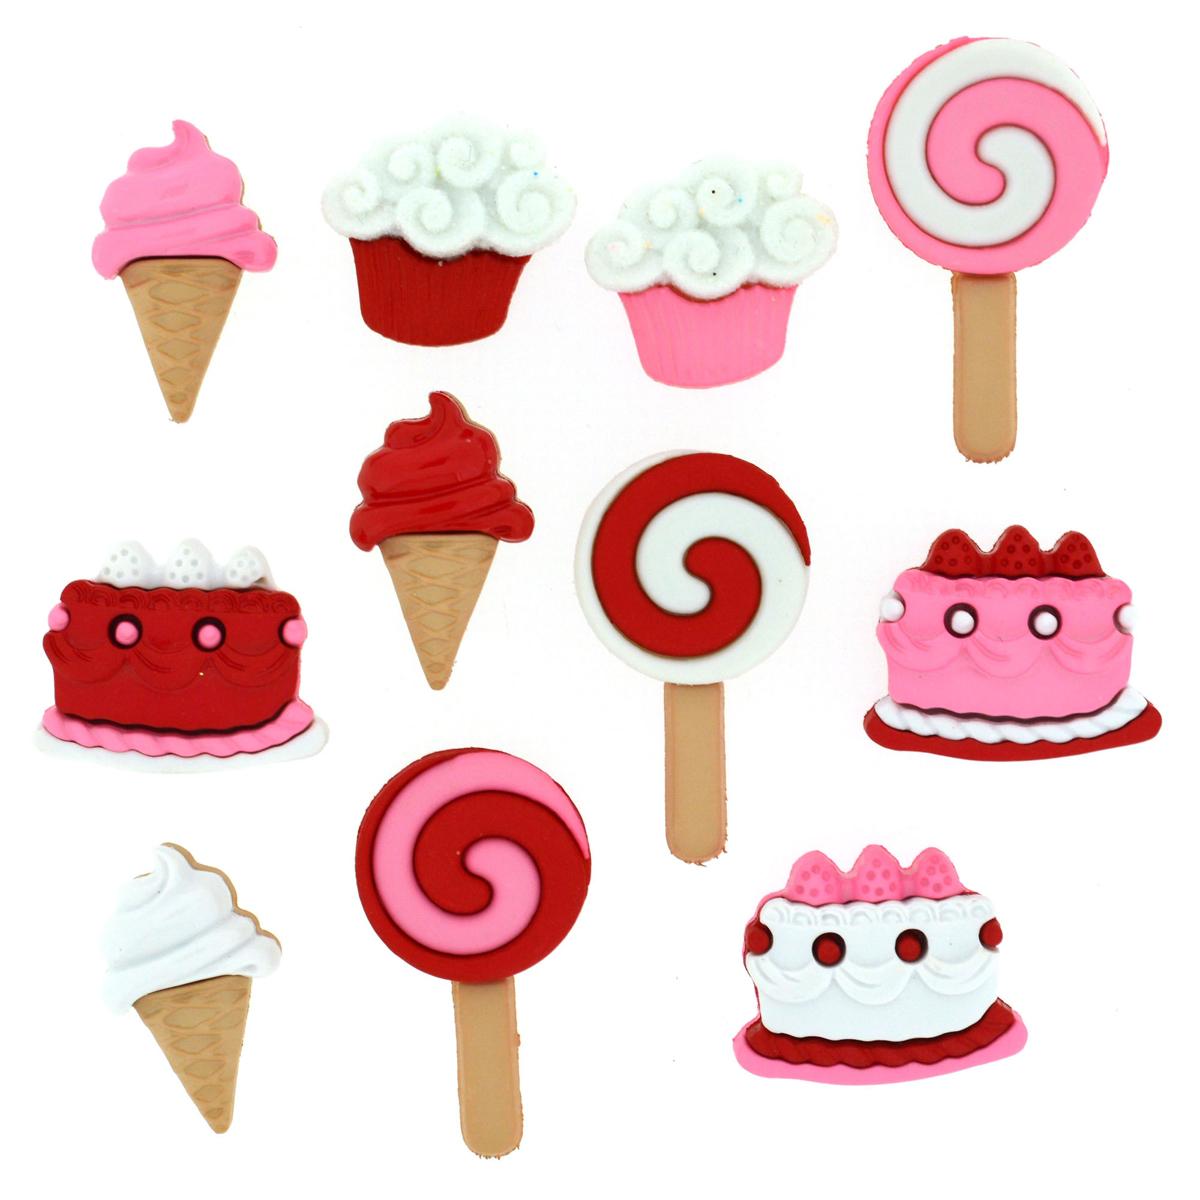 Пуговицы декоративные Dress It Up Сладкоежкам, 11 шт7712035Пуговицы декоративные Dress It Up Сладкоежкам состоит из 11 декоративных пуговиц, выполненных из цветного пластика в виде пирожных с различными наполнителями, тортов, мороженных. Такие пуговицы подходят для любых видов творчества: скрапбукинга, декорирования, шитья, изготовления кукол, а также для оформления одежды. С их помощью вы сможете украсить открытку, фотографию, альбом, подарок и другие предметы ручной работы. Пуговицы разных цветов имеют оригинальный и яркий дизайн. Средний размер пуговиц: 1,7 см х 2 см х 0,3 см.